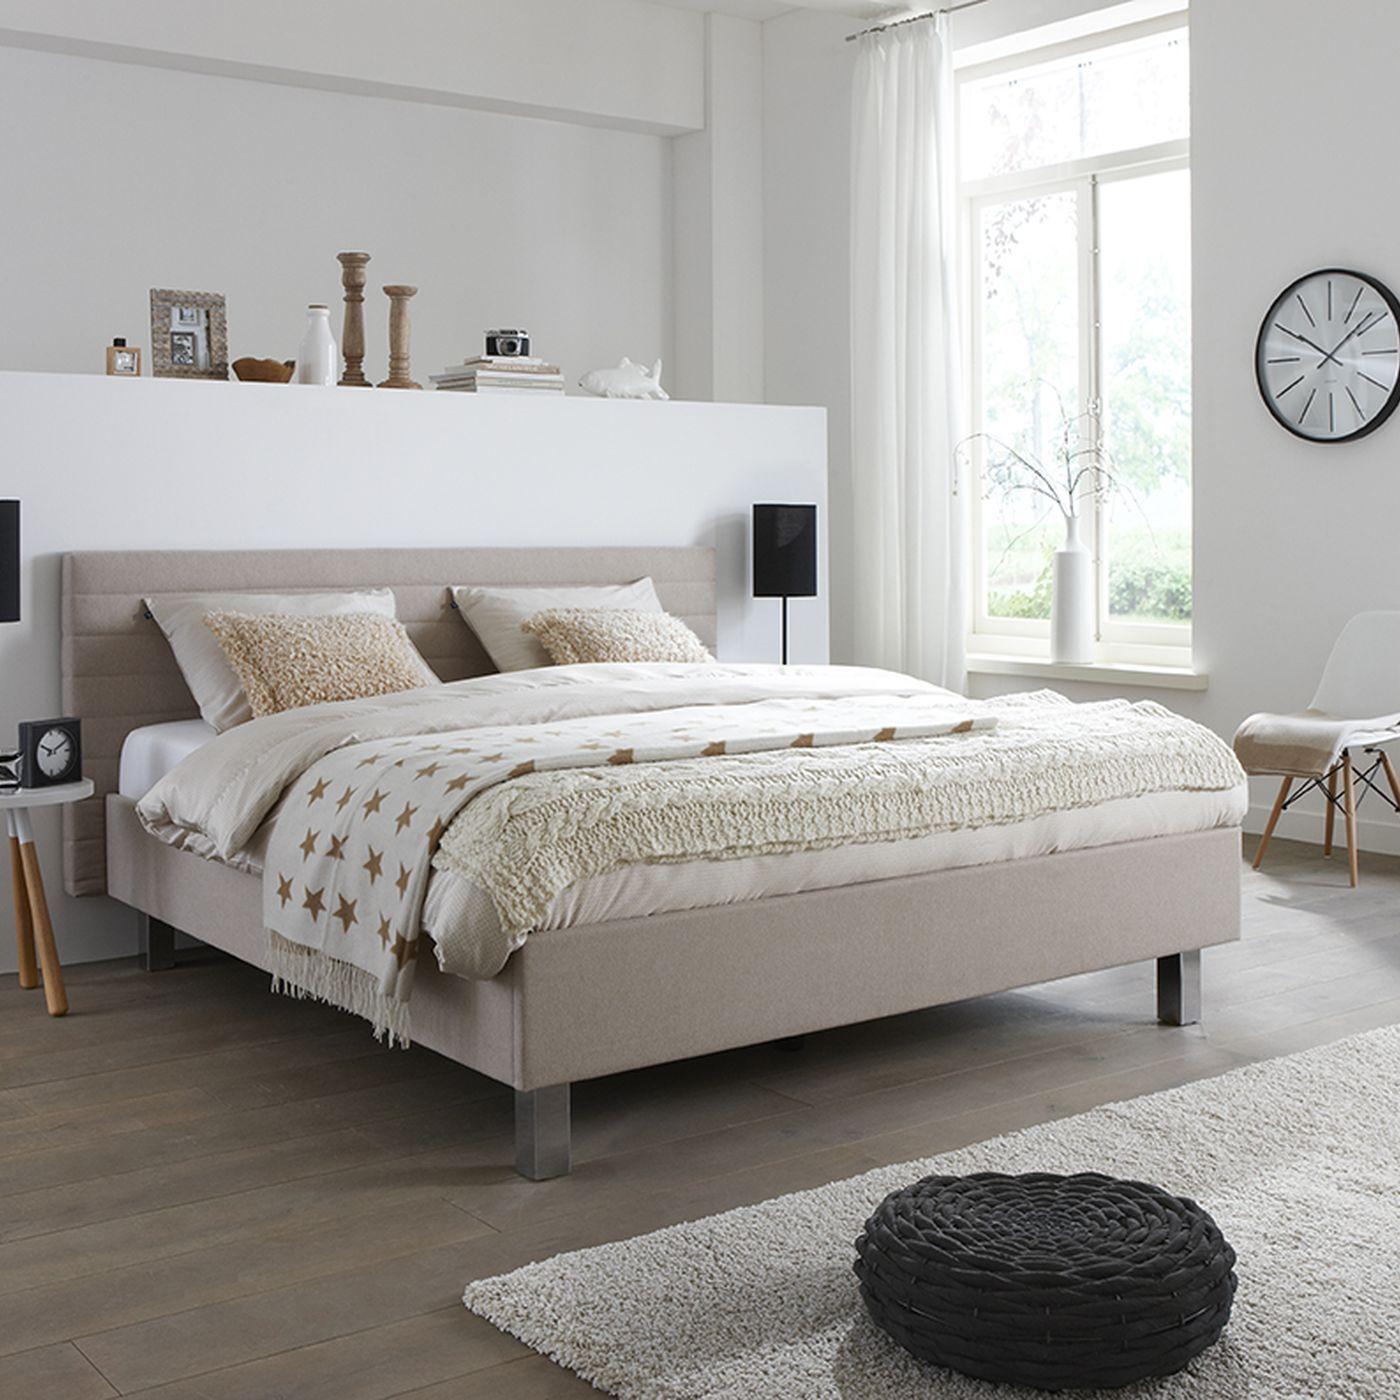 TEMPUR® Flex Design Bett | Bedrooms | Pinterest